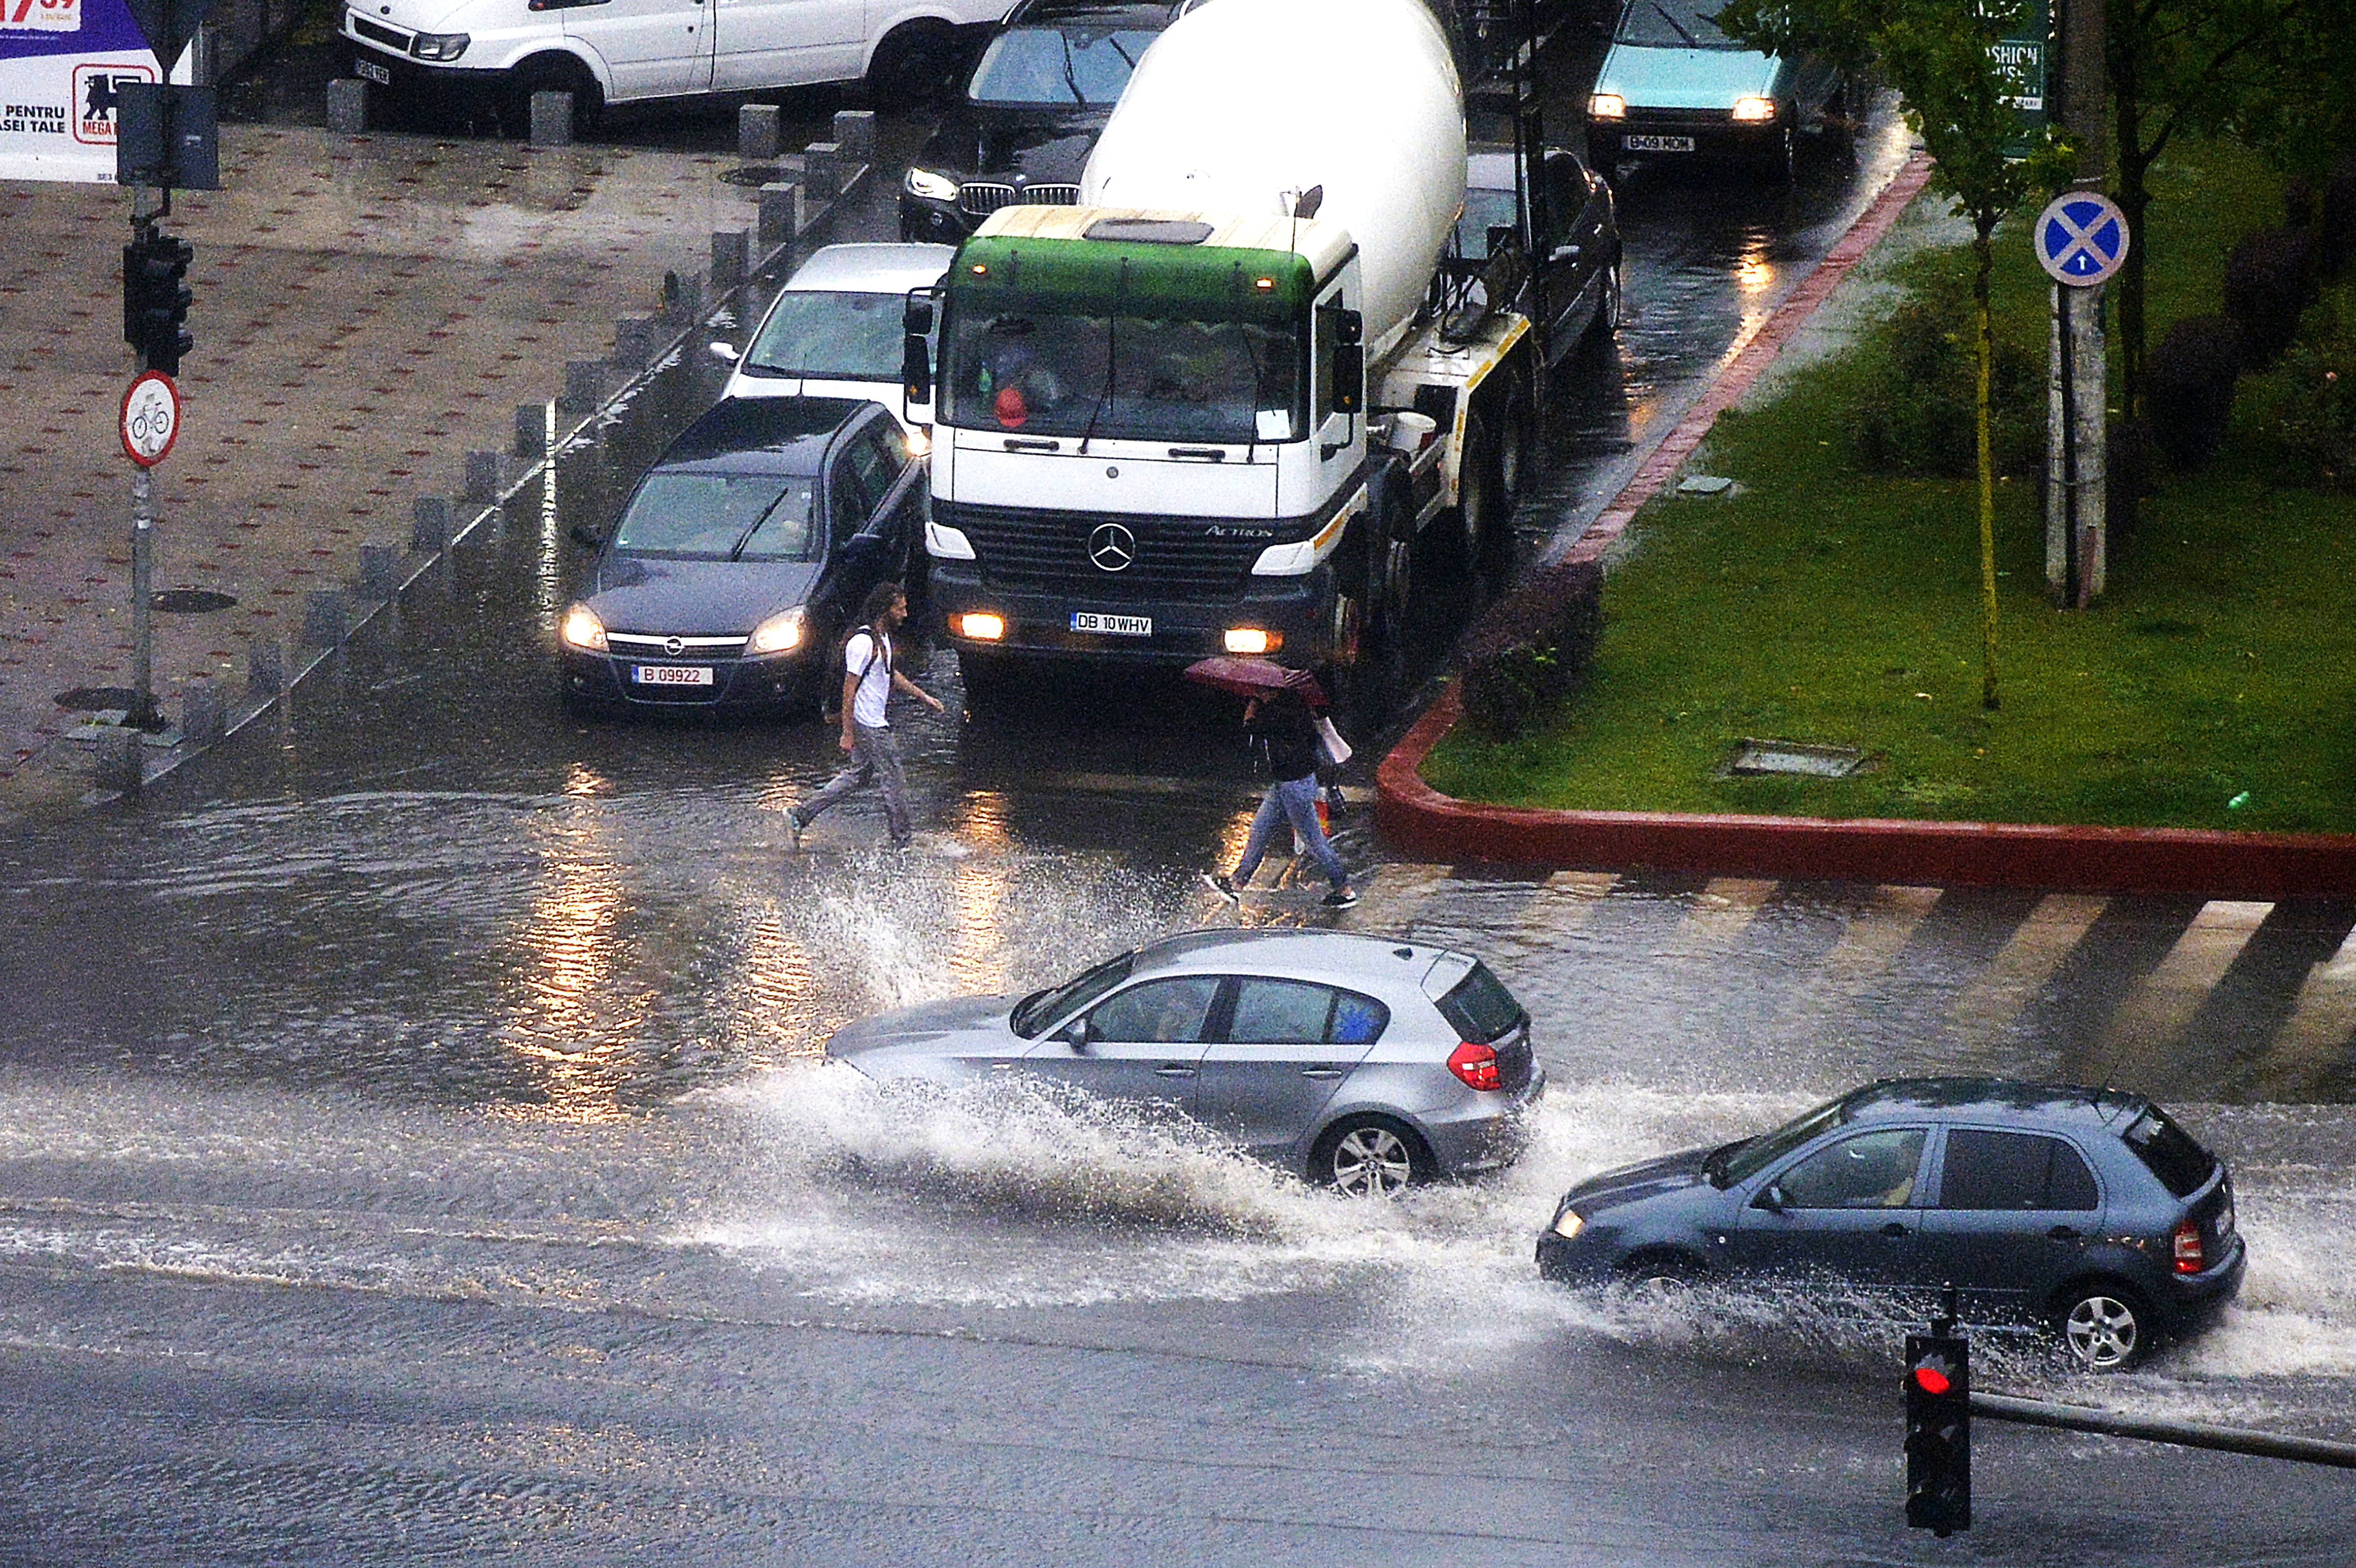 Meteo #azi 15 mai: Vreme EXTREM de instabilă/ Cod GALBEN de ploi pentru şapte judeţe